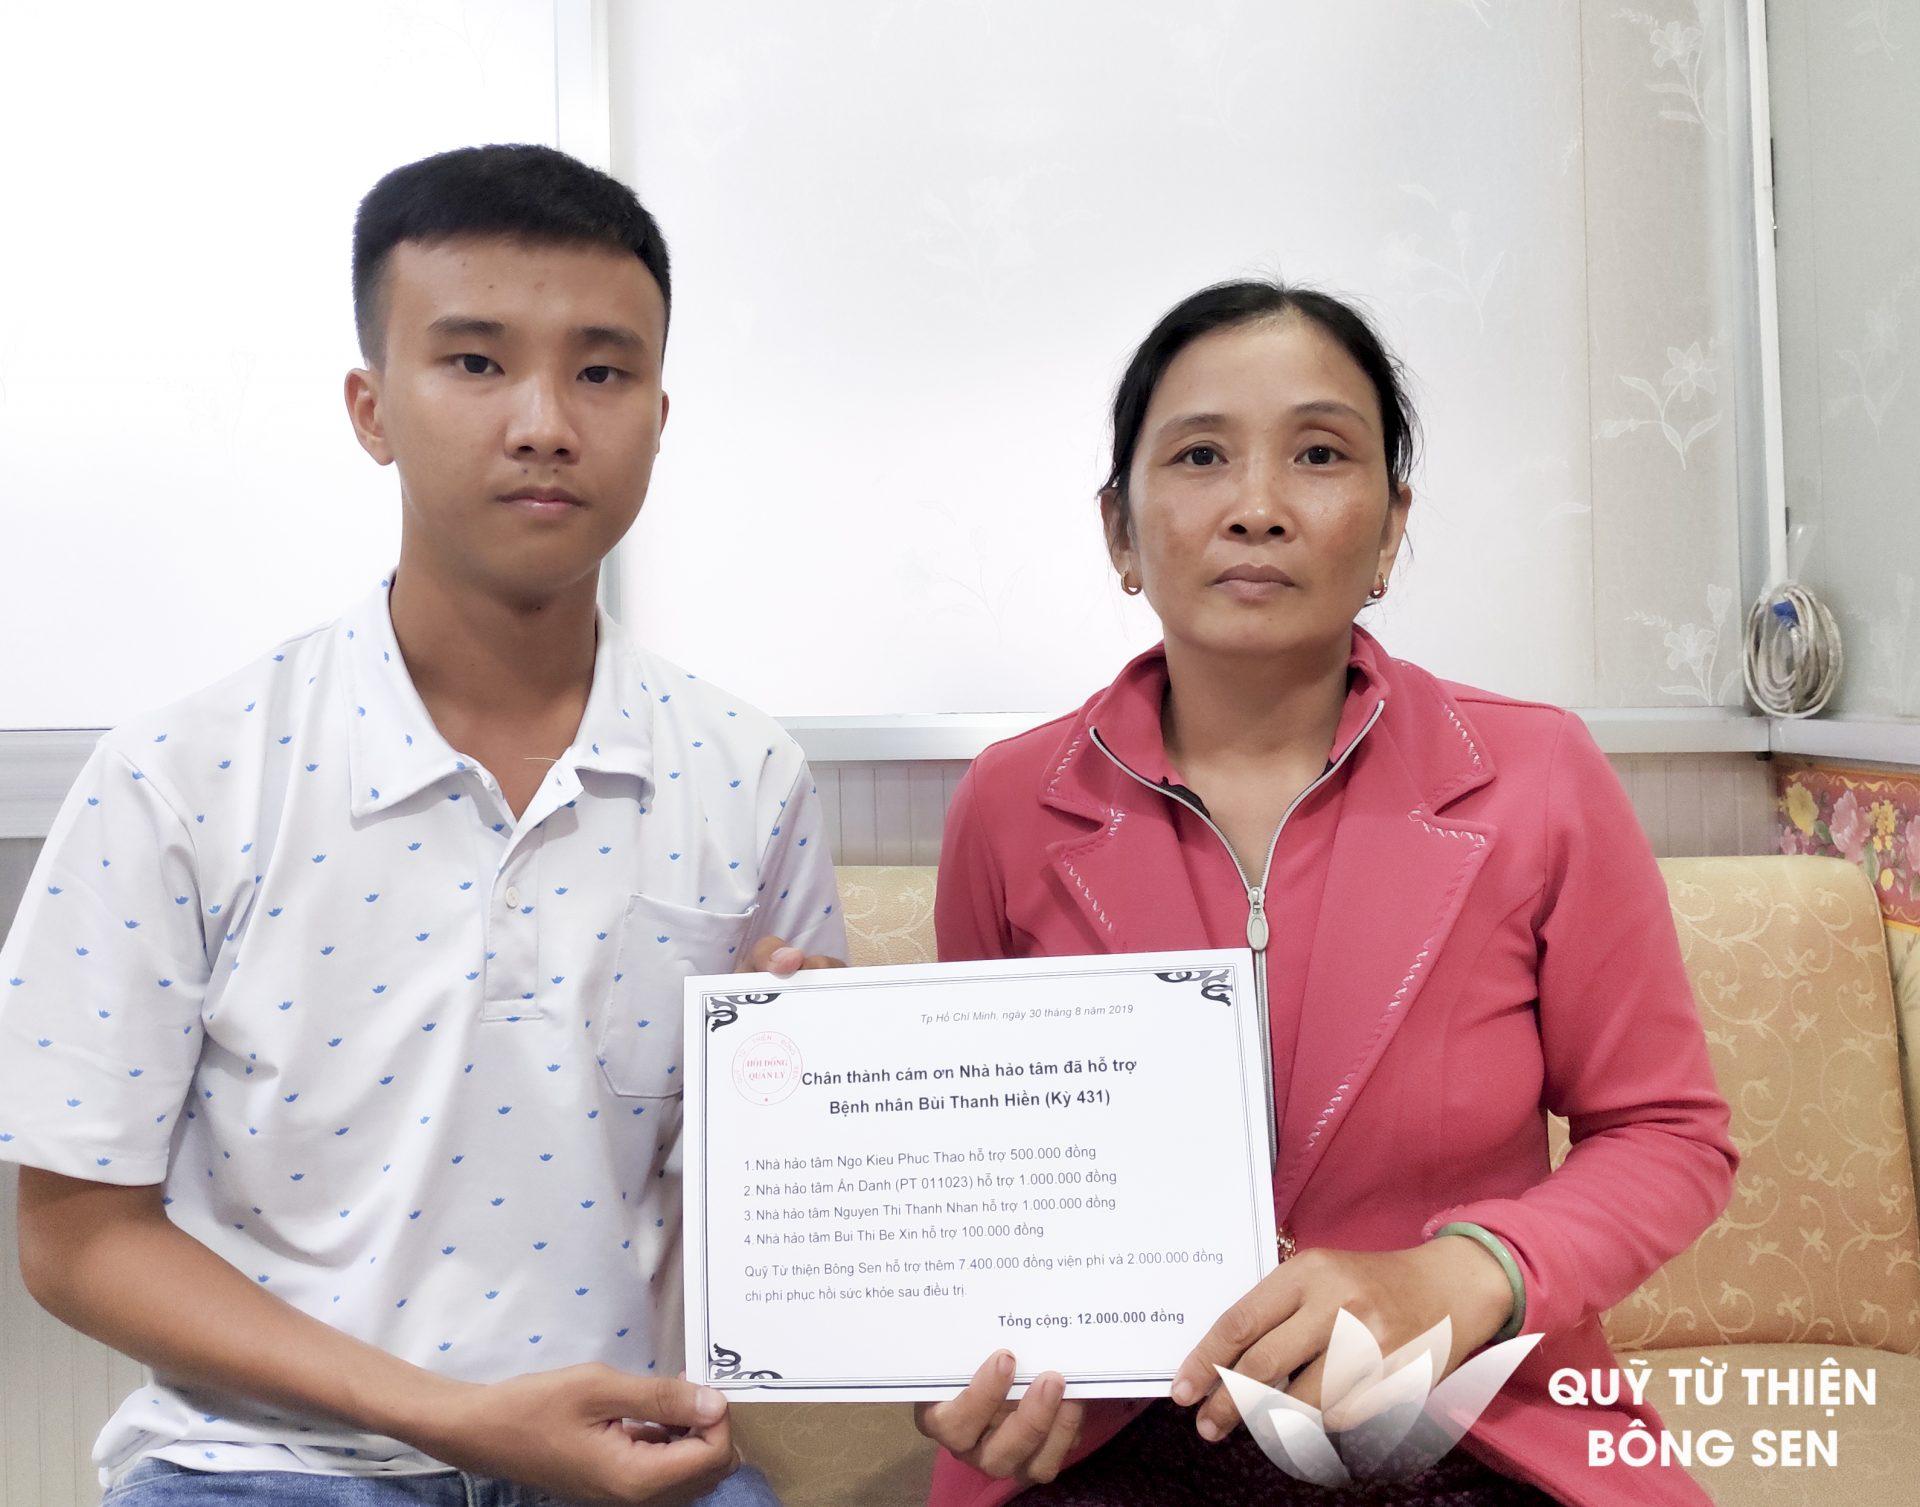 Kỳ 431: Bệnh nhân Bùi Thanh Hiền (sinh năm 1954), bạo bệnh đa chấn thương, hỗ trợ  12 triệu đồng ngày 31/08/2019